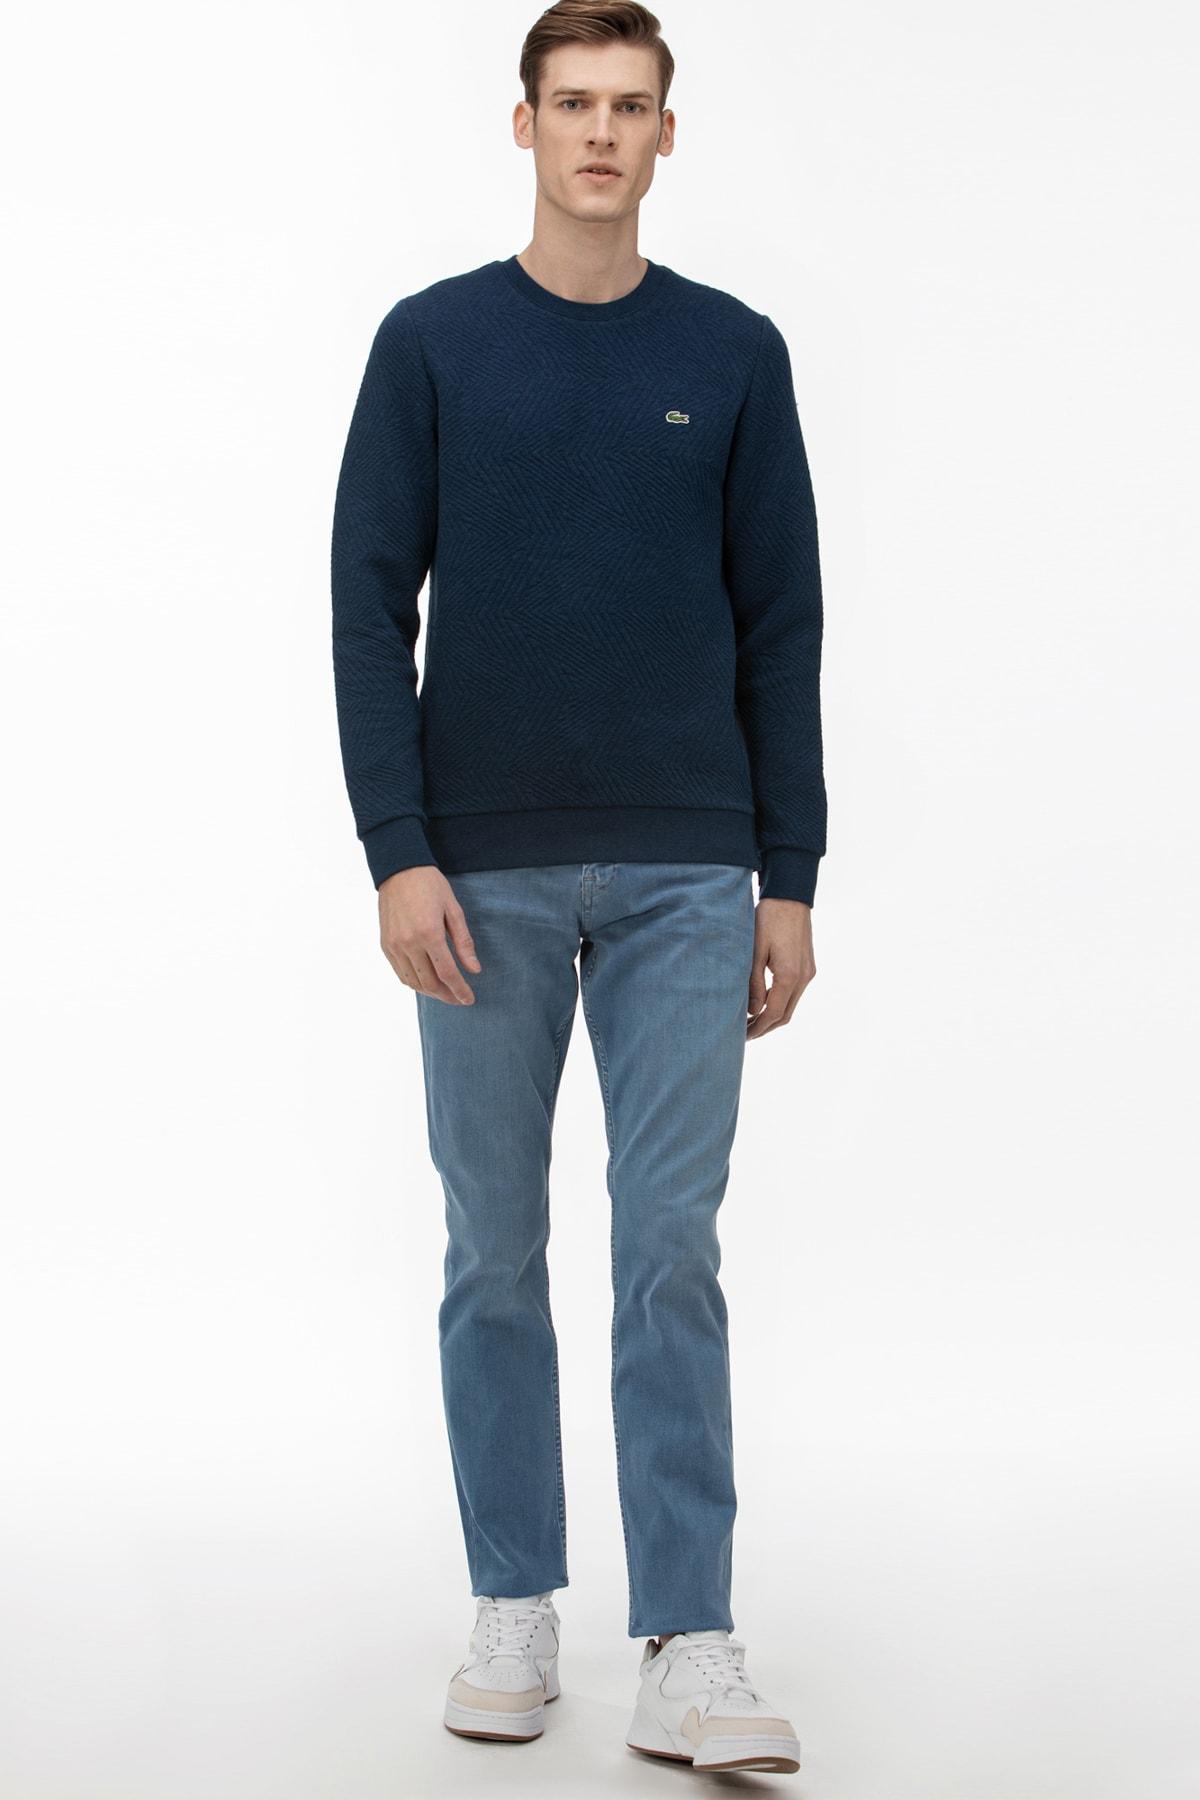 خرید نقدی شلوار جین مردانه برند لاگوست lacoste رنگ لاجوردی کد ty34809632